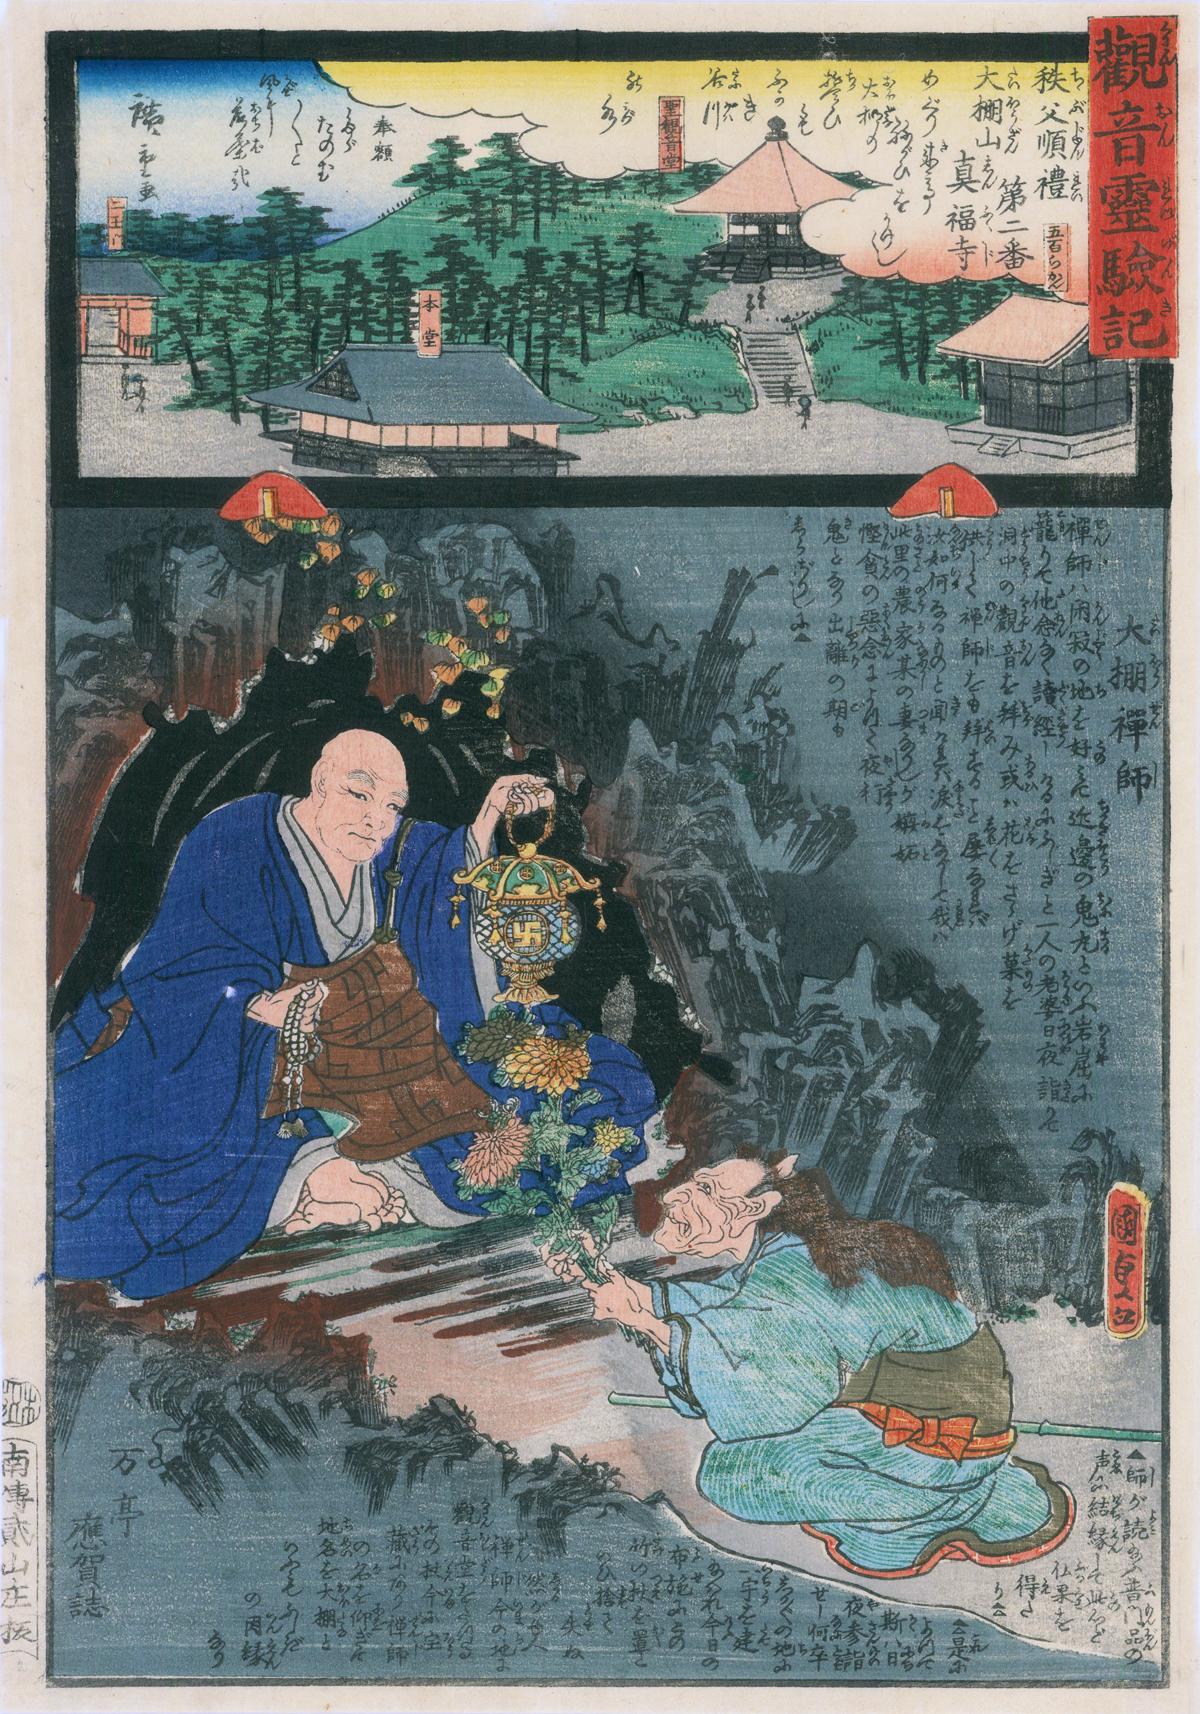 Shinpuku-ji on Mount Daiô, No. 2 of the Chichibu Pilgrimage Route